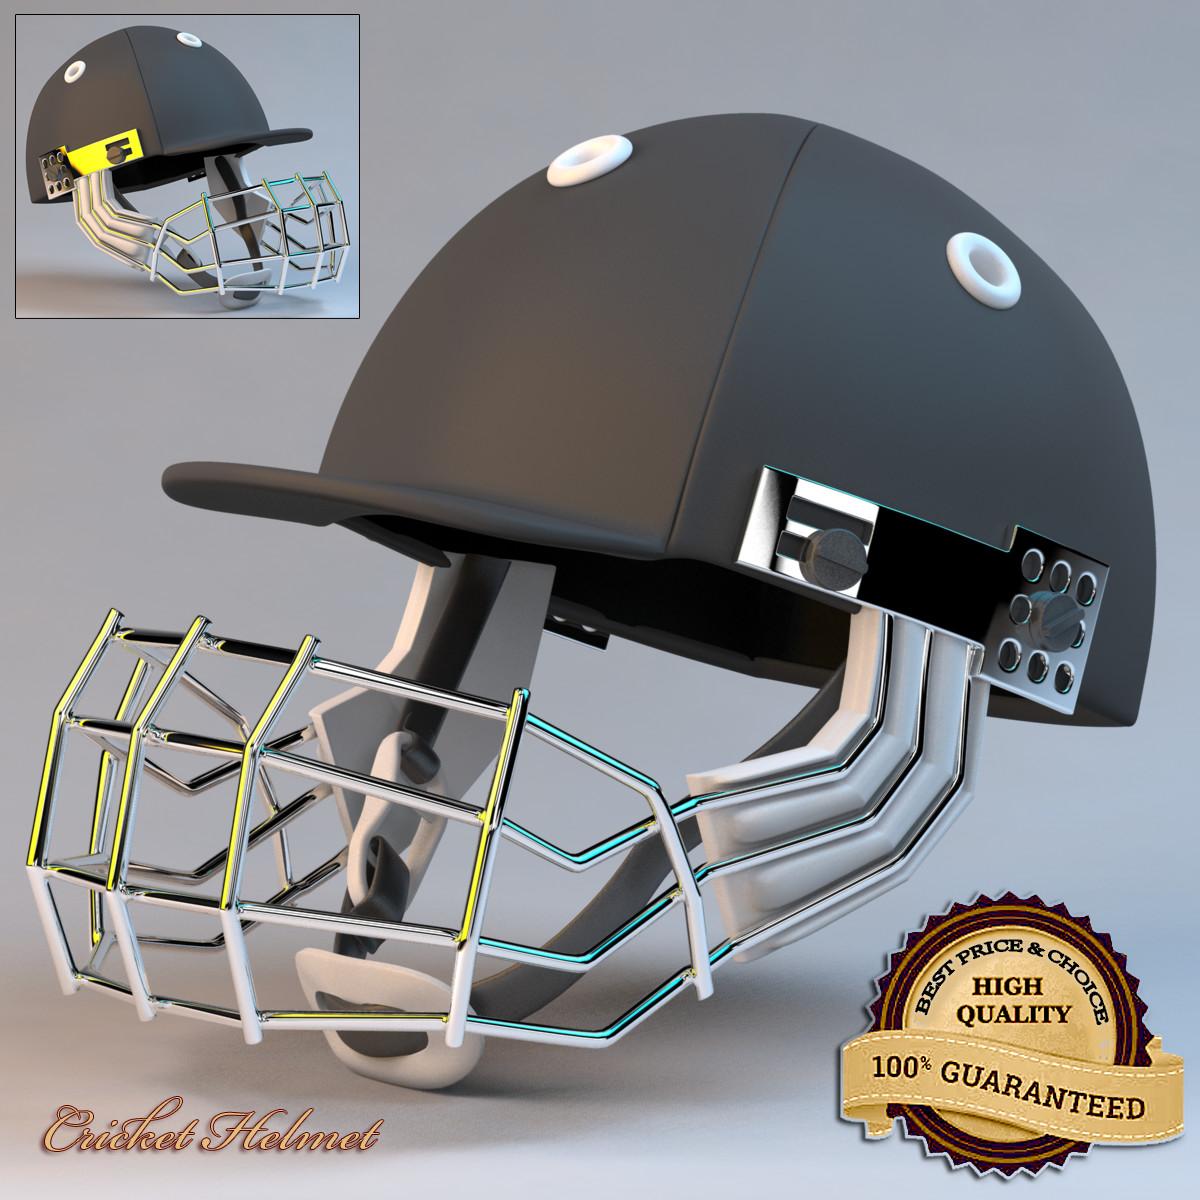 Cricket helmet.png